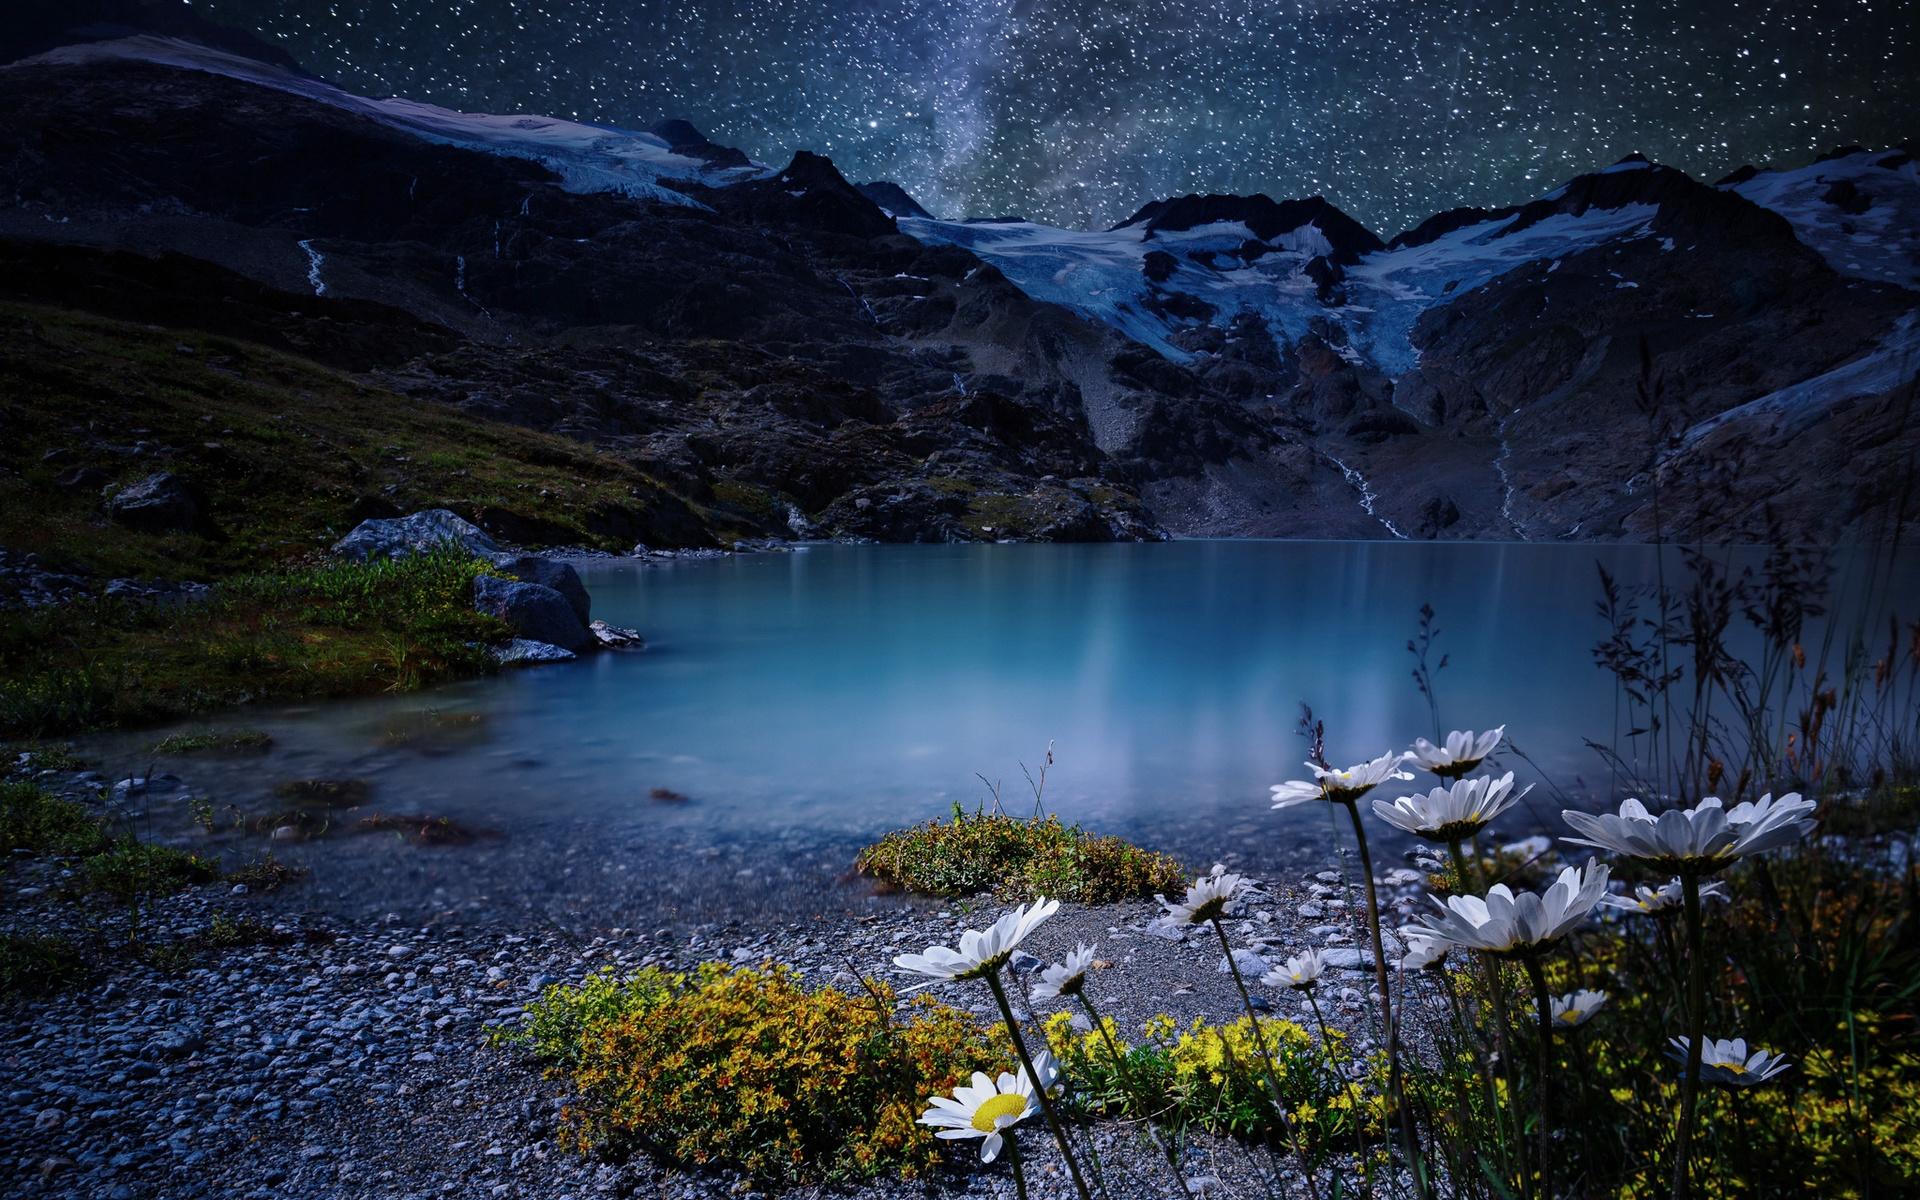 Днем, картинки природа ночью красота